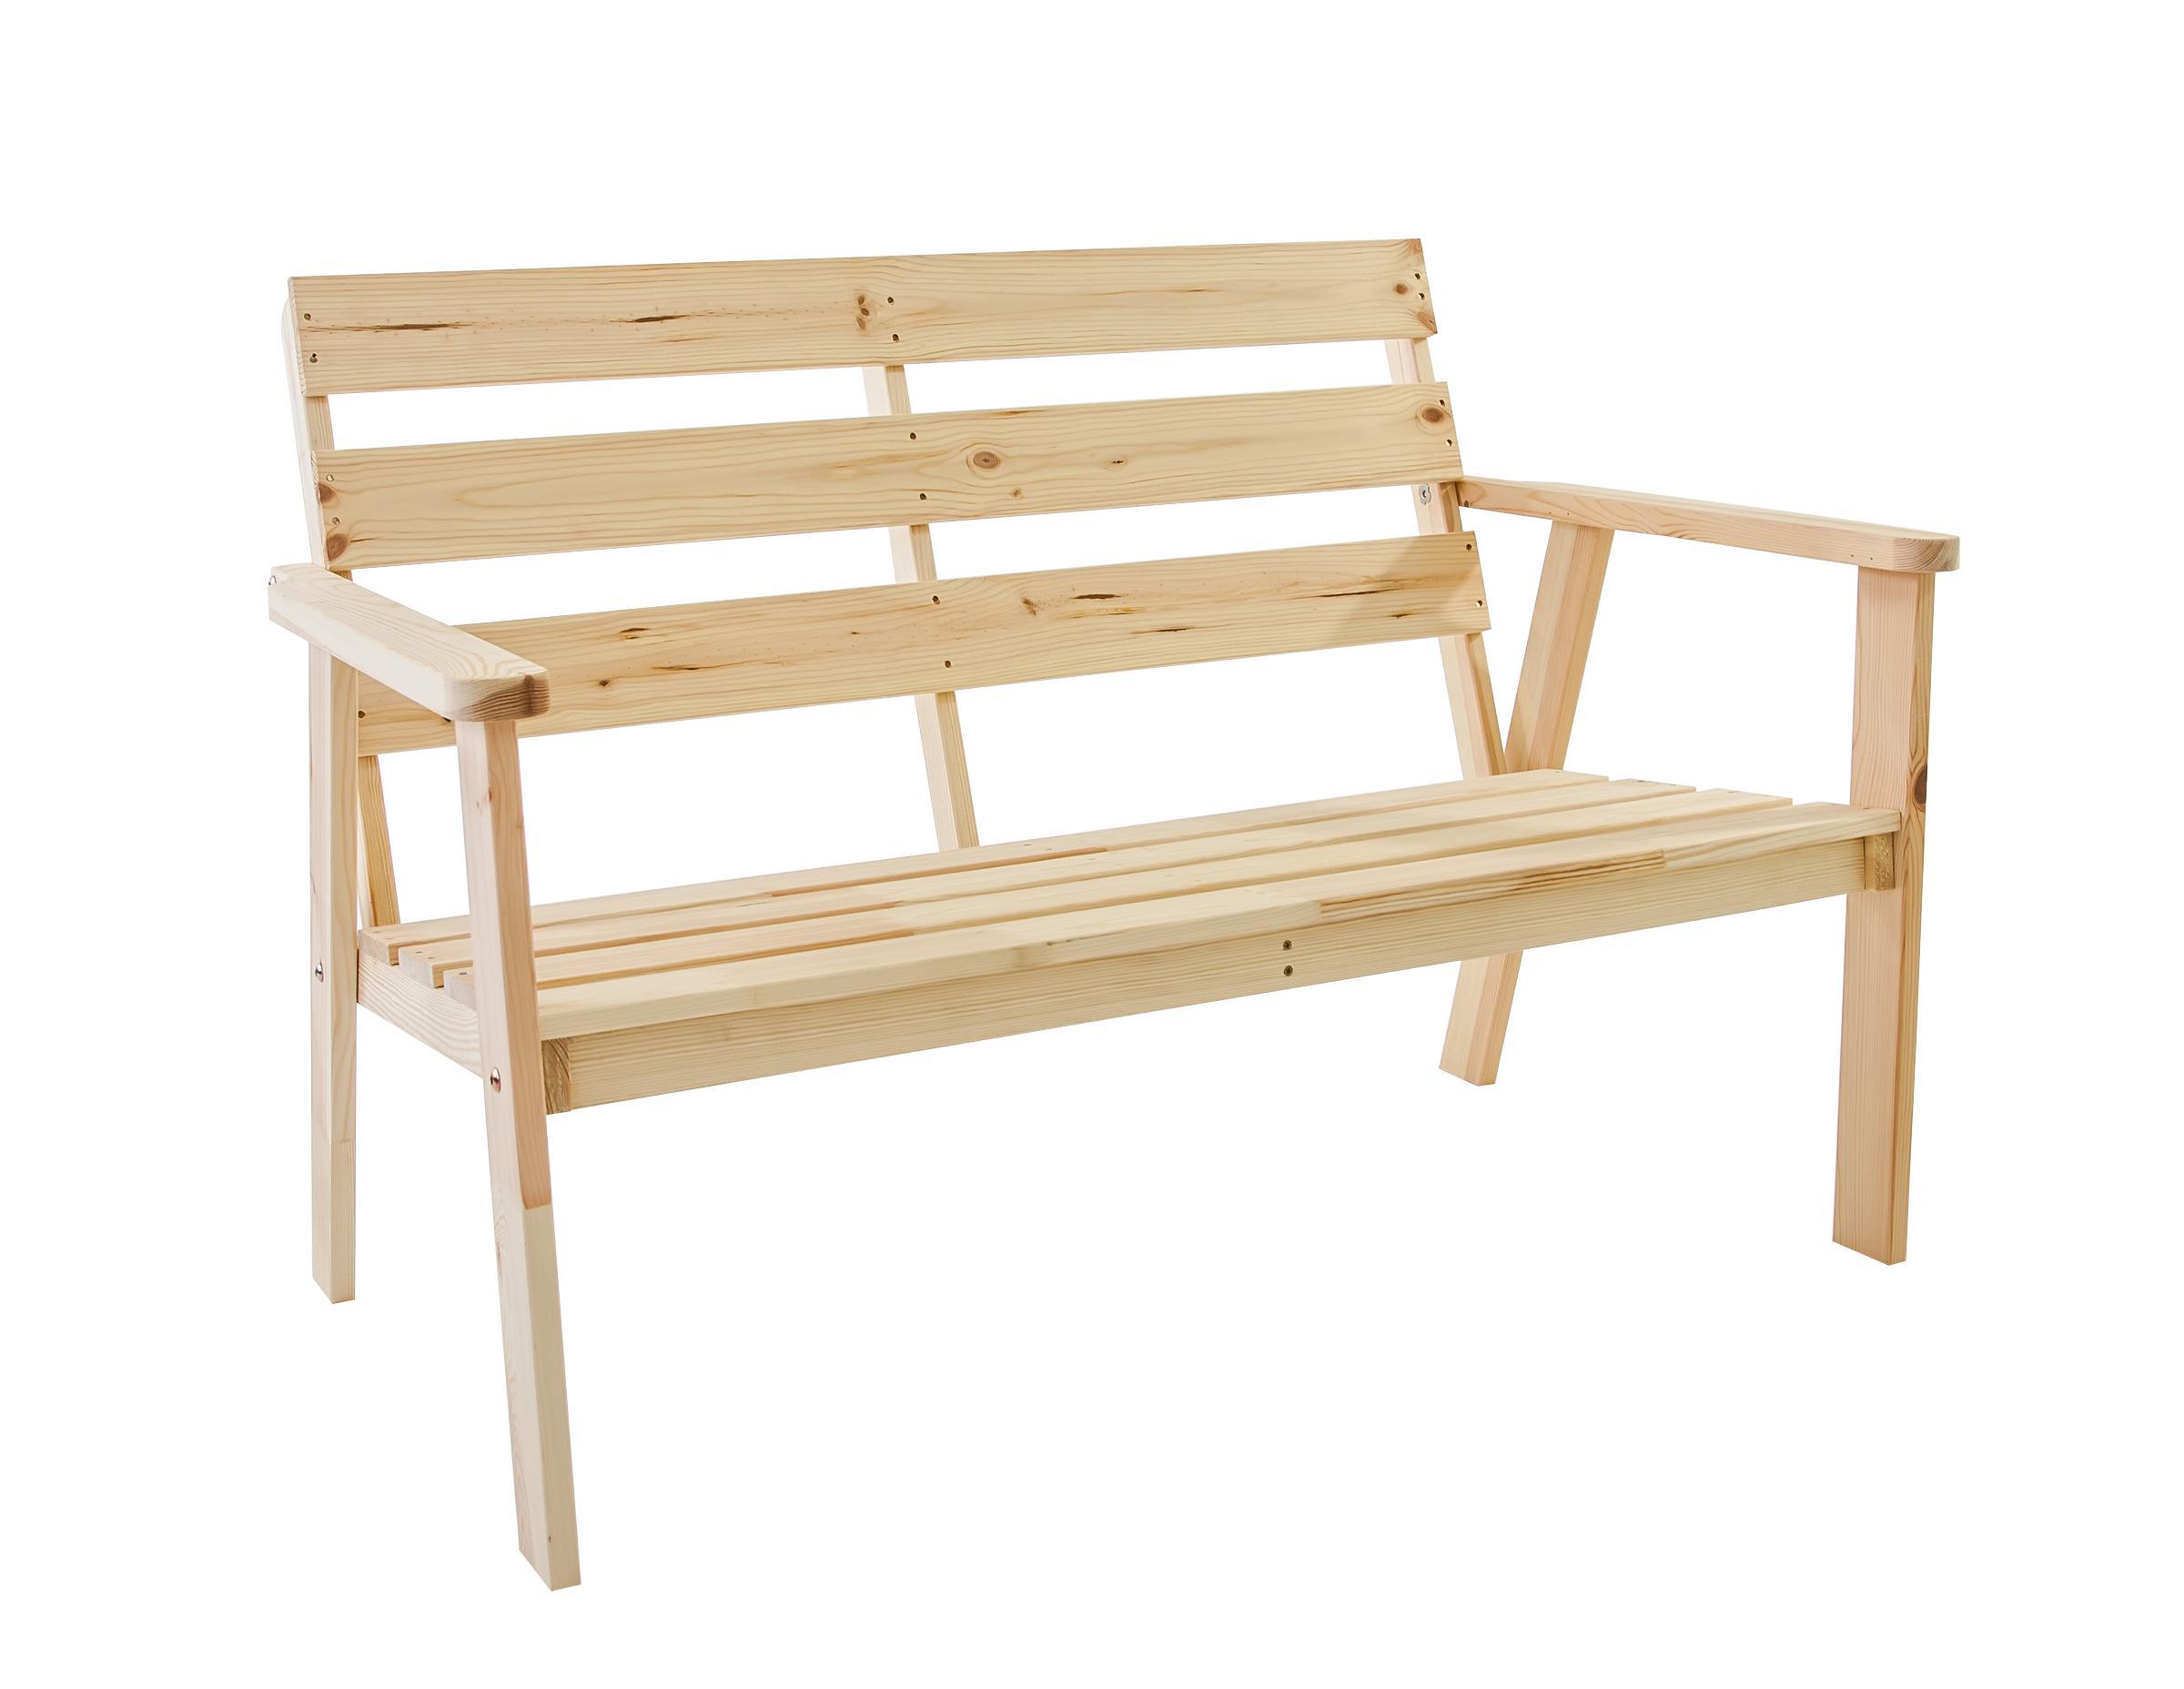 GartenmObel Holz Unbehandelt ~ Ambientehome Gartenbank 2er Bank Massivholz Holzbank inkl Kissen